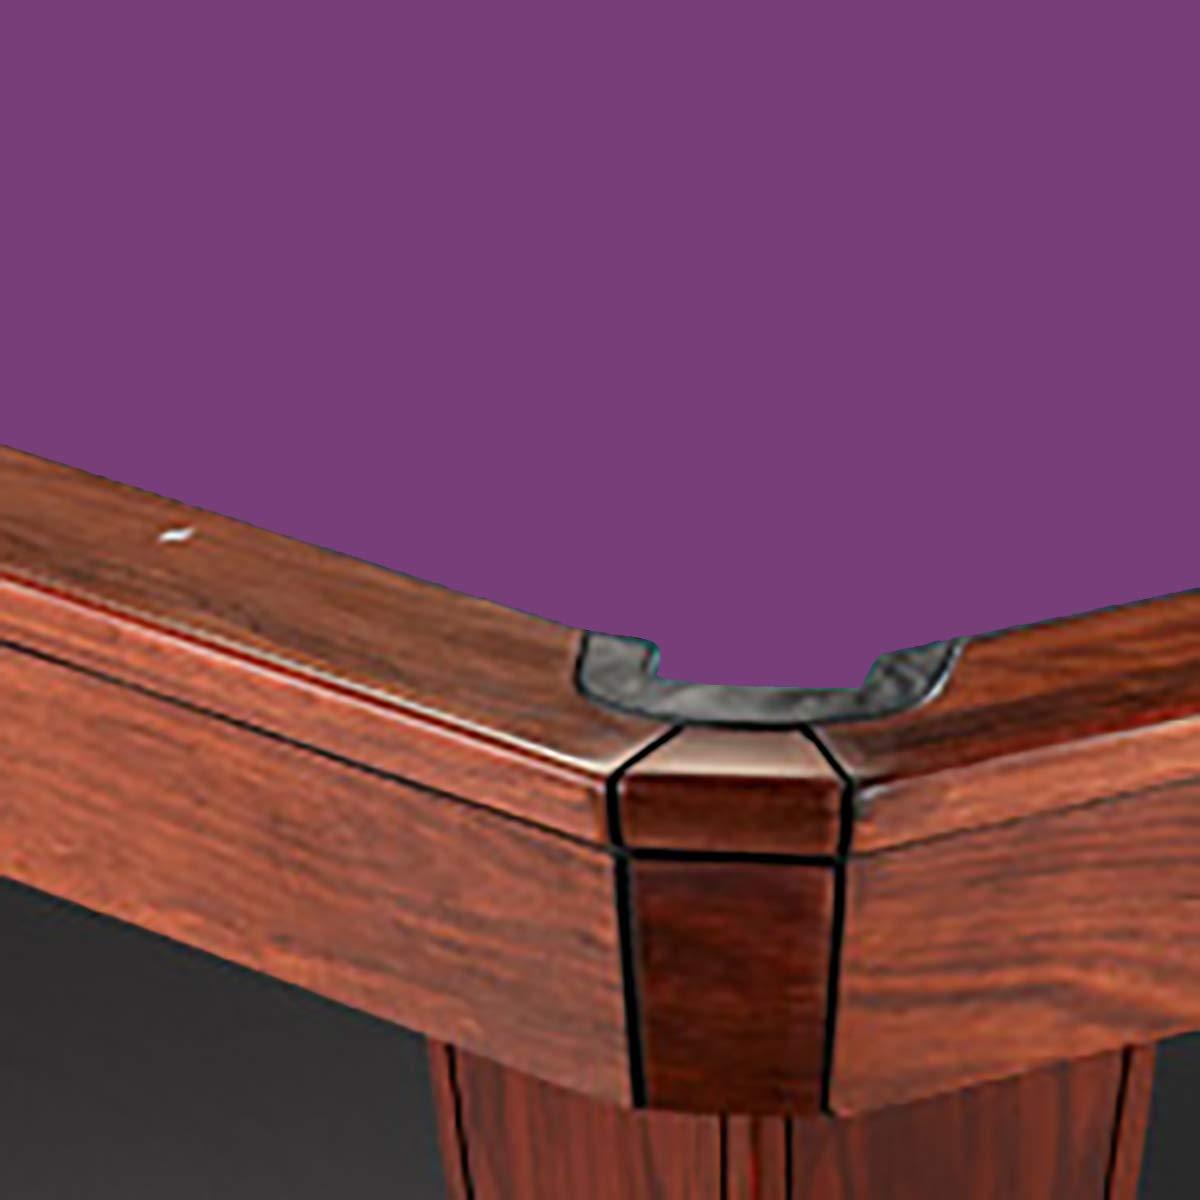 Simonis 12フィート 760 パープル ビリヤード プール テーブルクロス フェルト B00GP2E47W